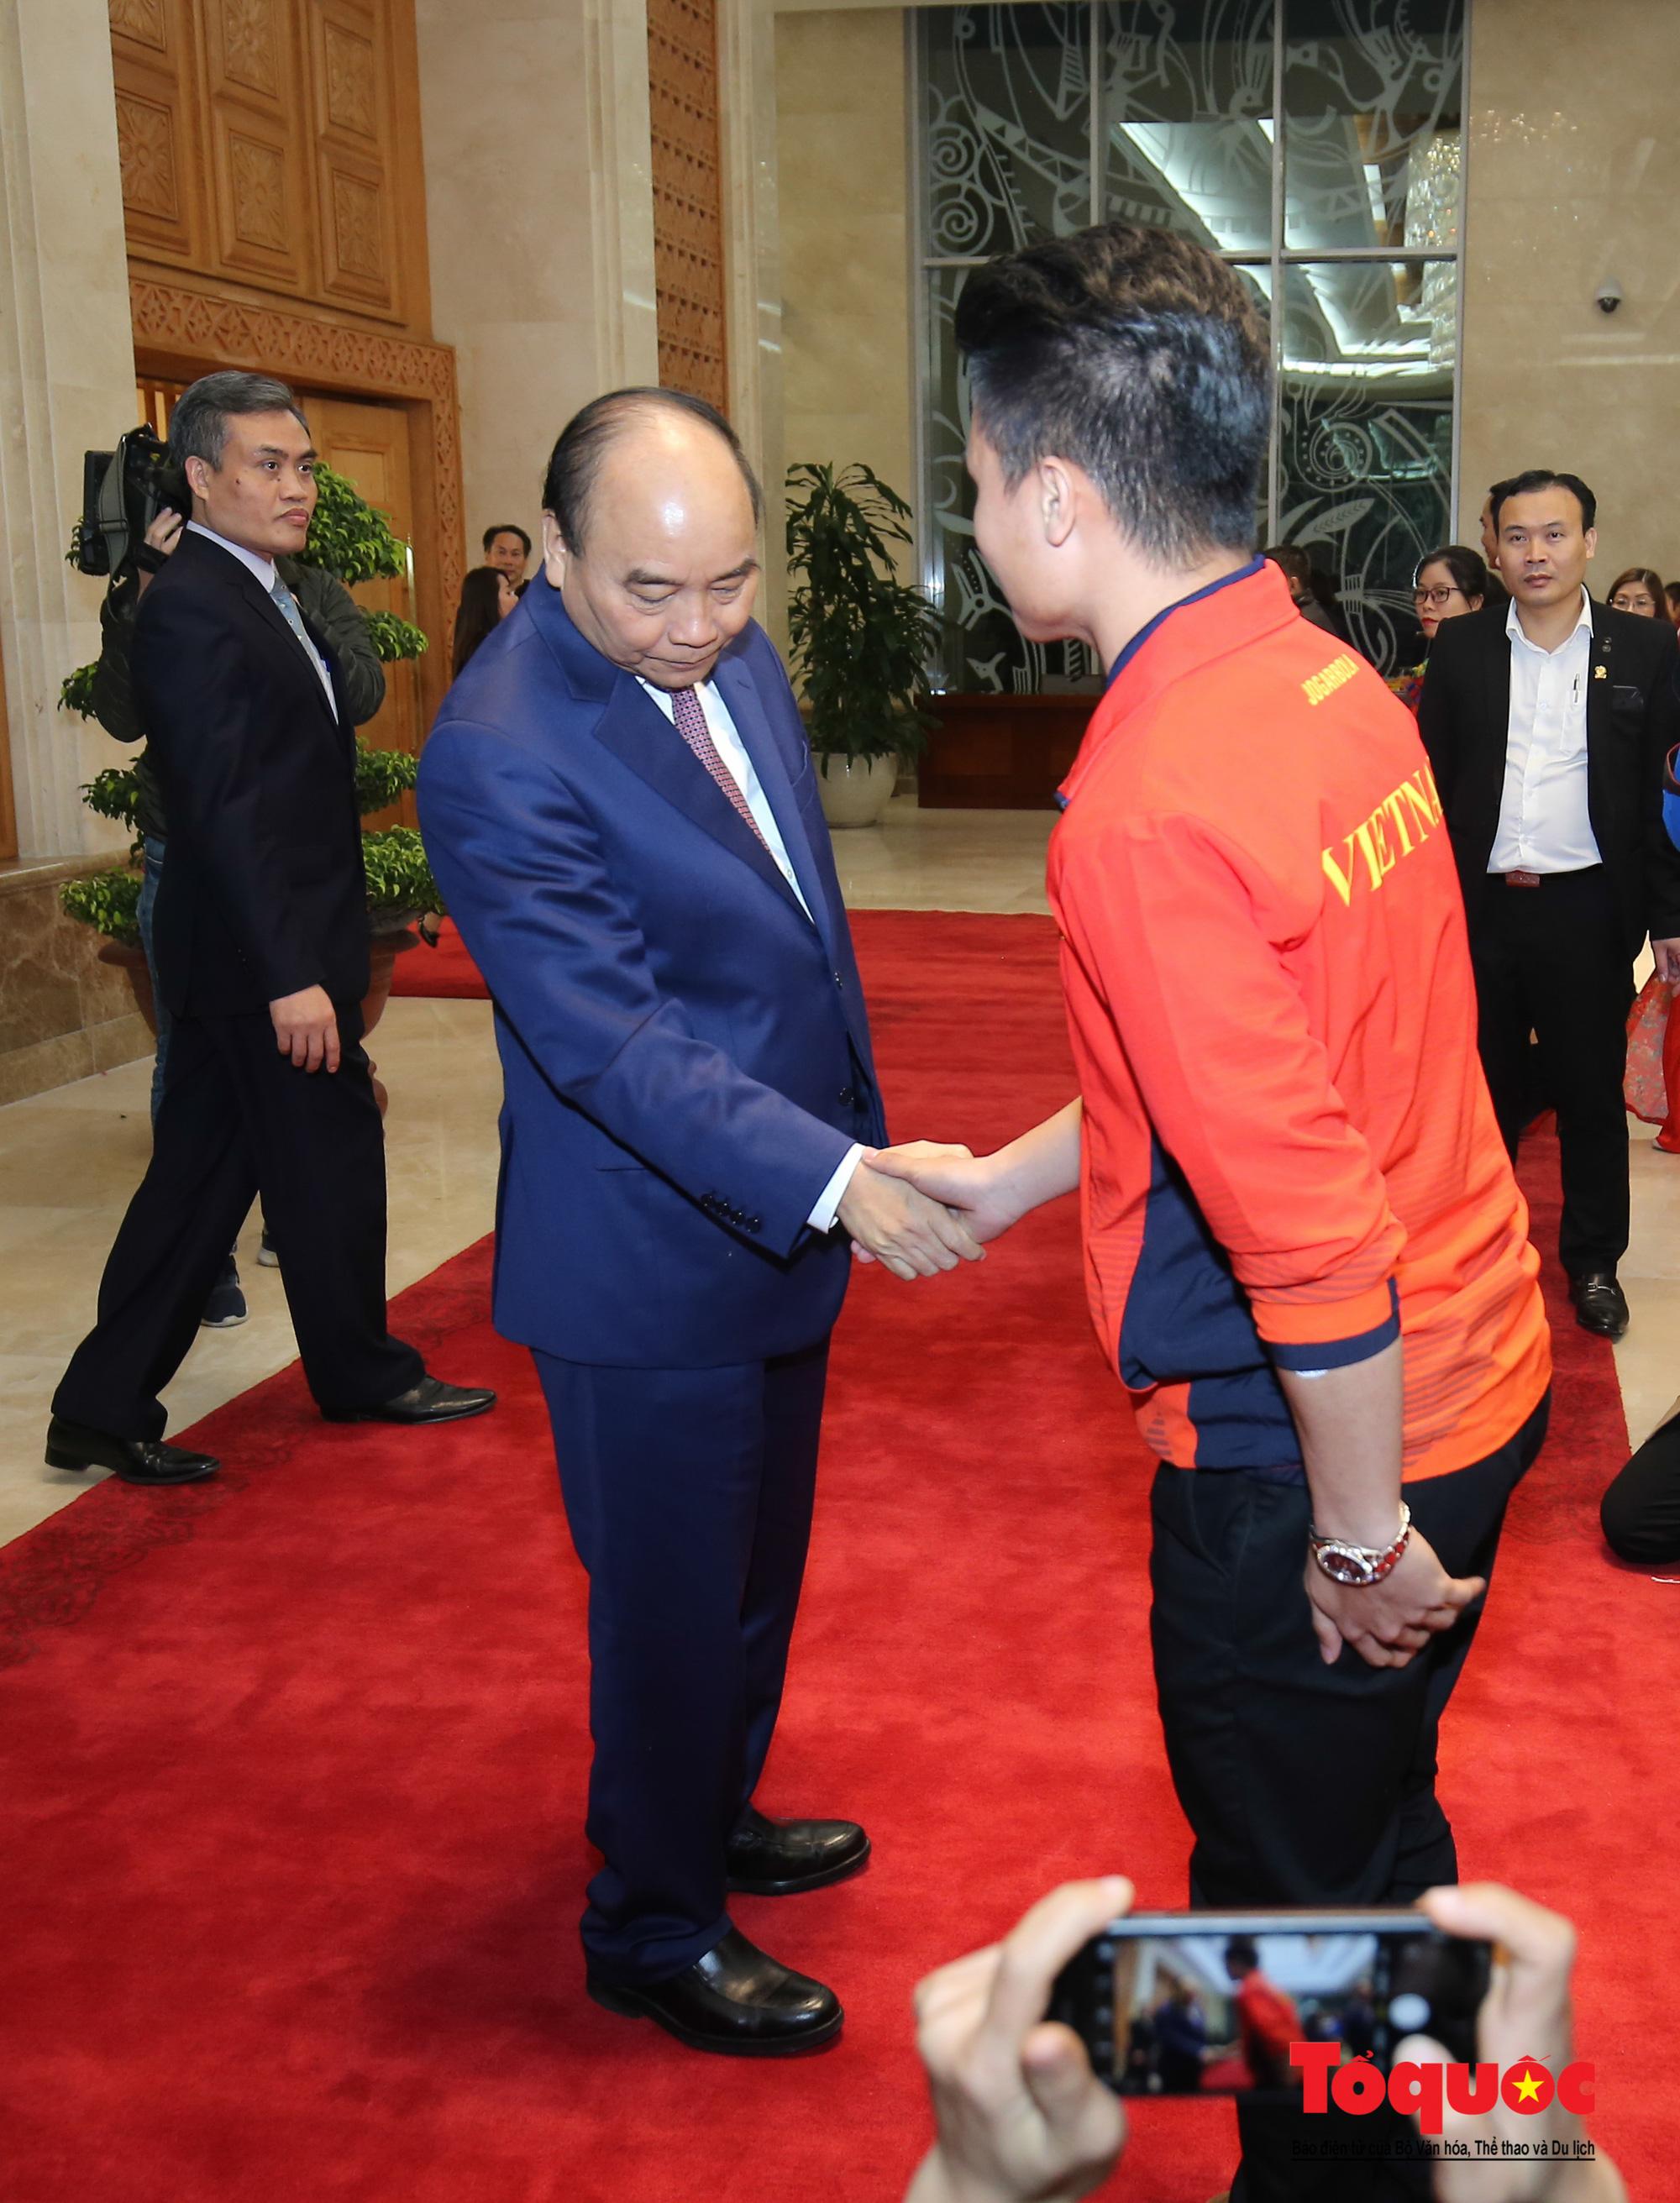 Thủ tướng Nguyễn Xuân Phúc gặp mặt thân mật các cầu thủ đội tuyển U22 Việt Nam và ĐT nữ Việt Nam - Ảnh 4.